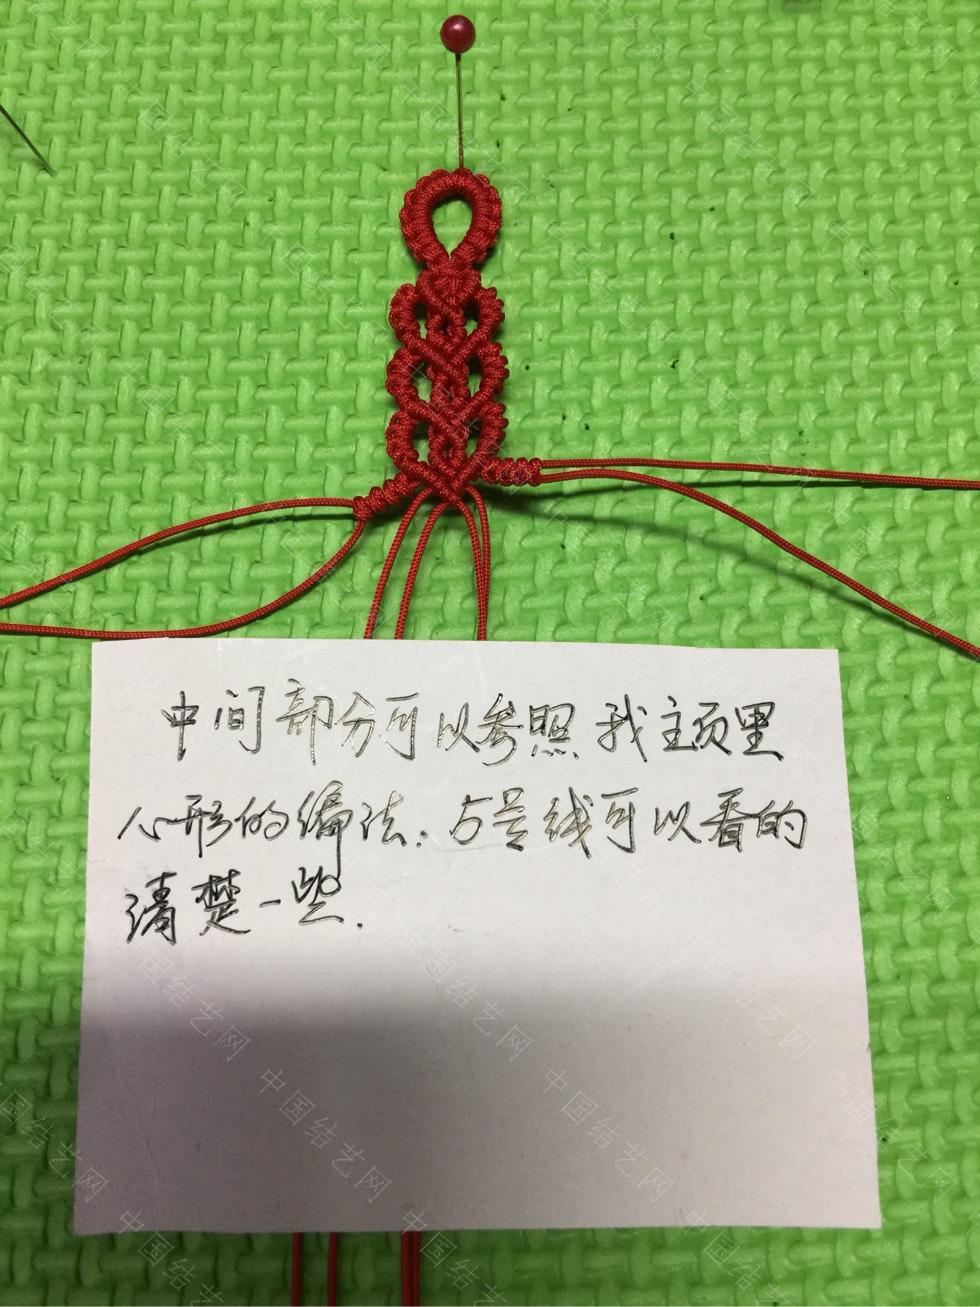 中国结论坛 心形手链  图文教程区 150011jwz6gog1861g15oy